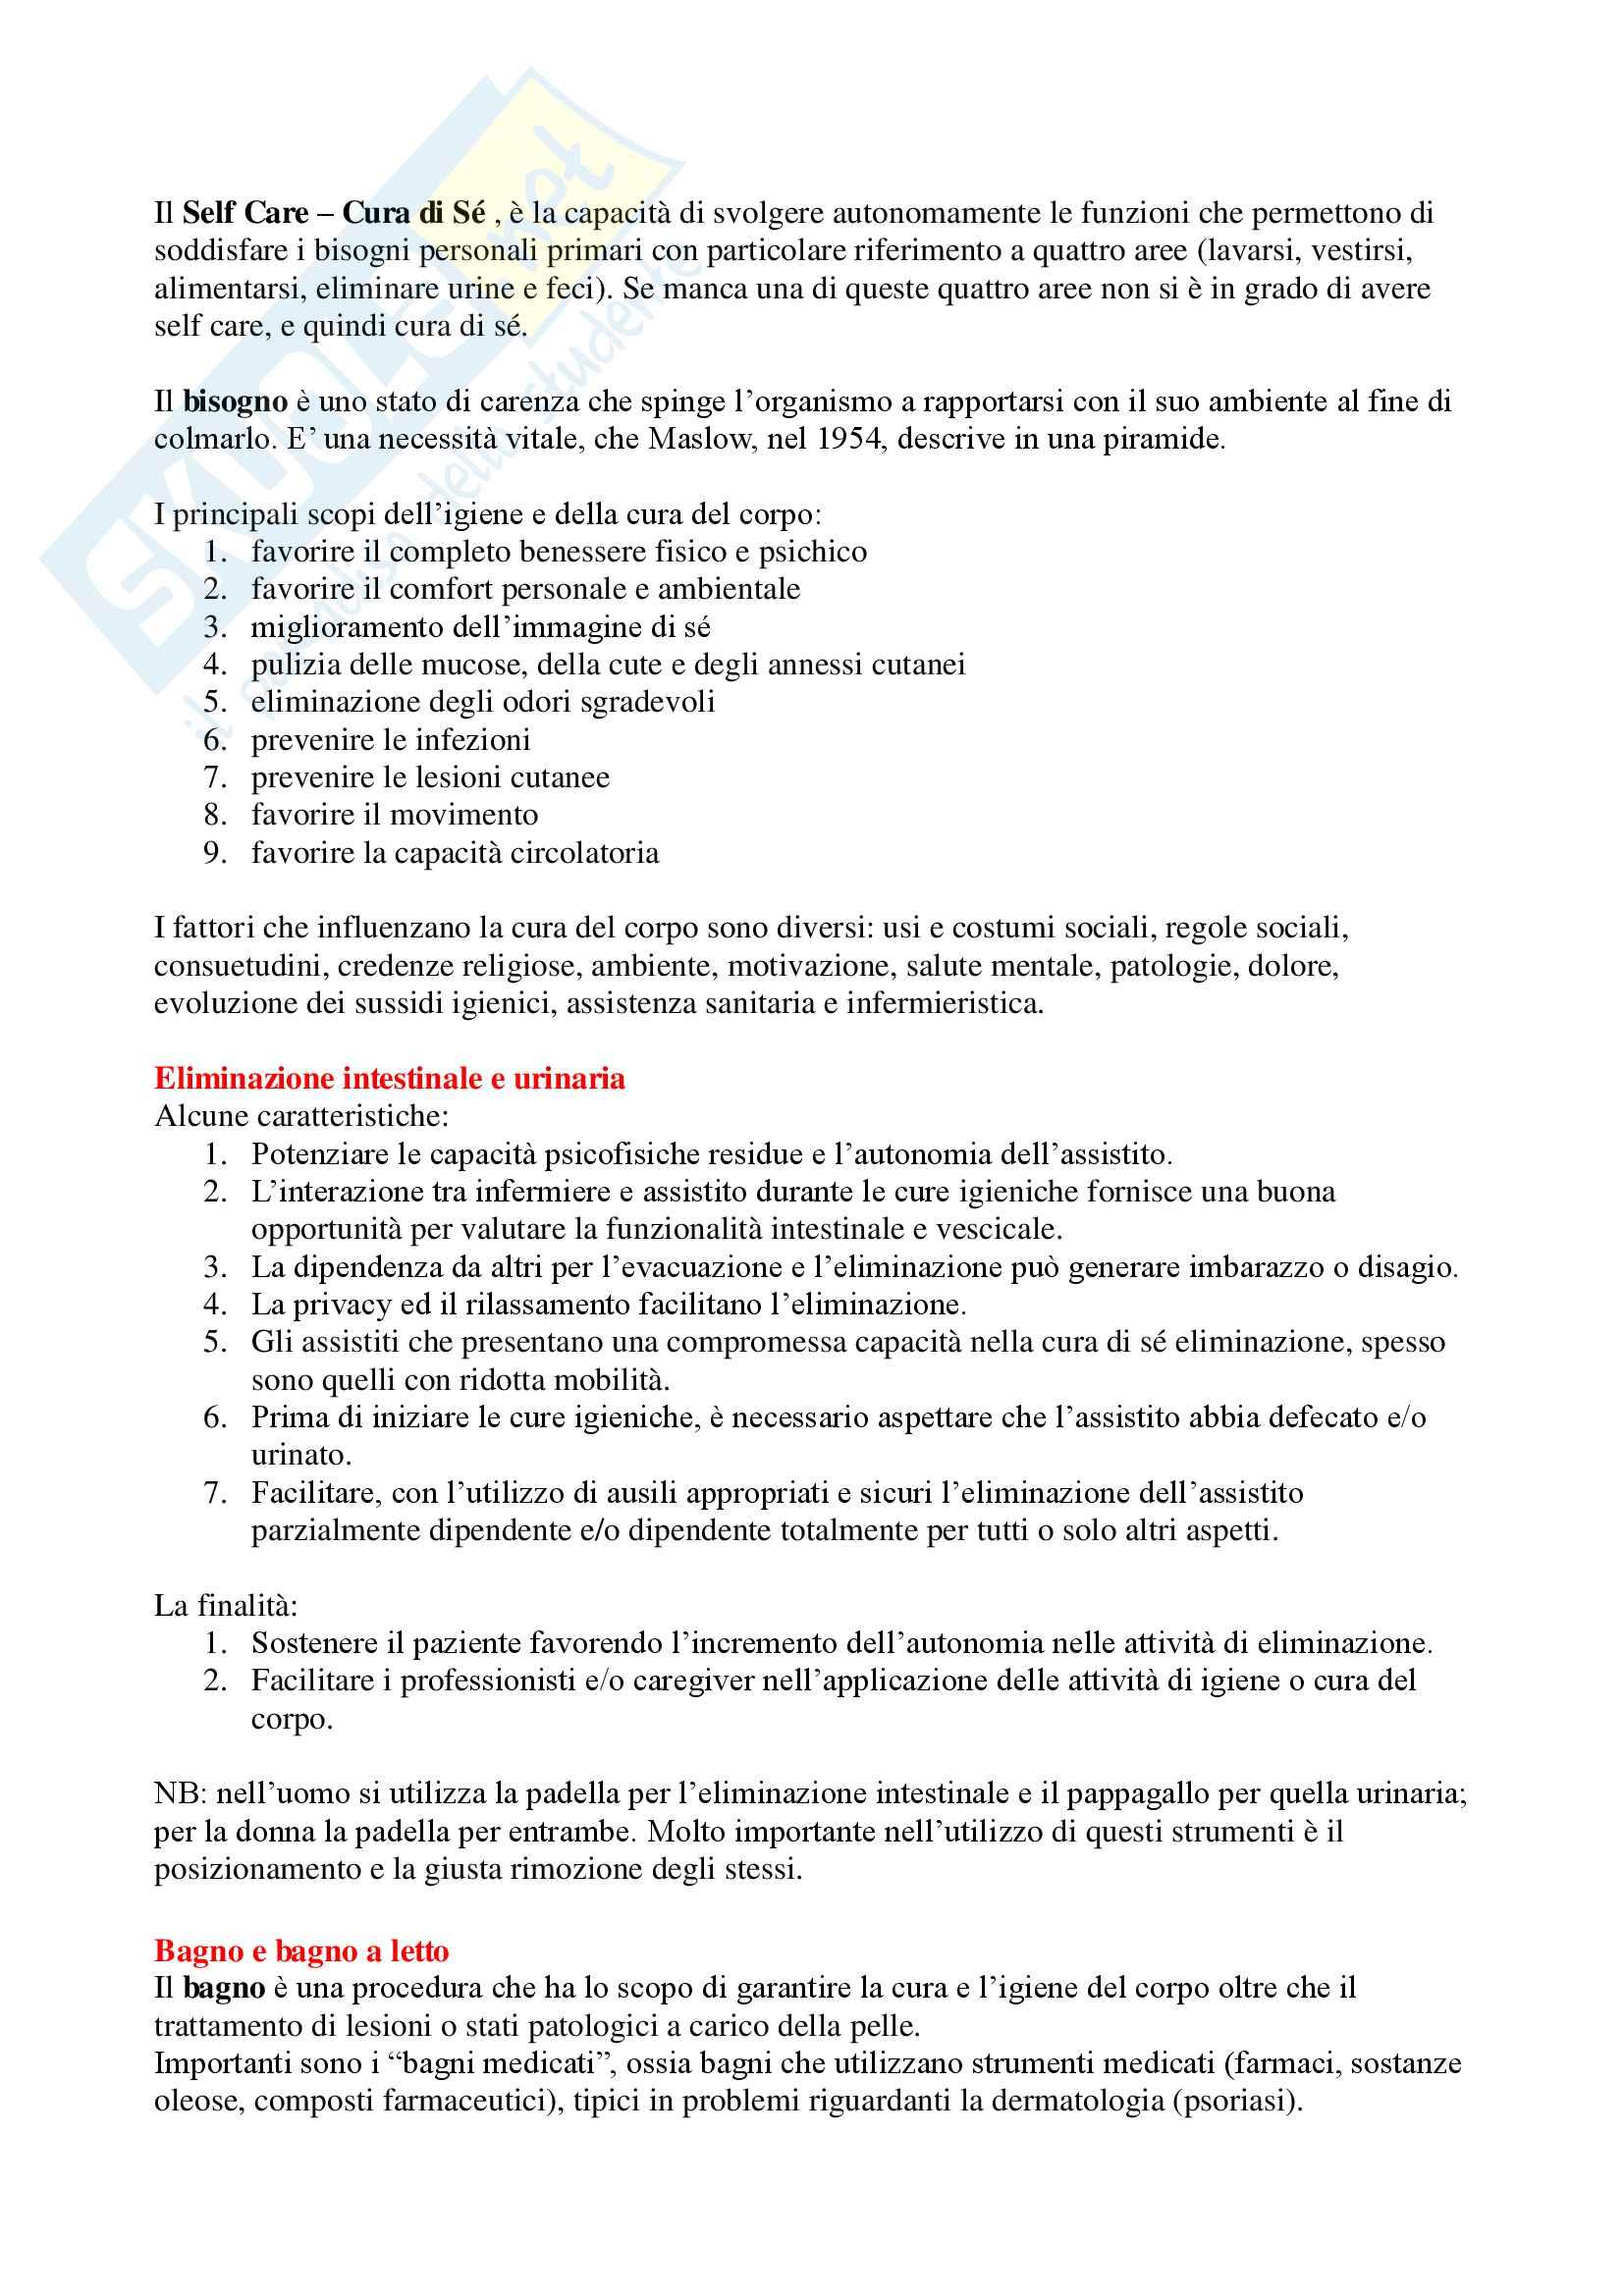 Infermieristica Clinica - Appunti Completi Pag. 6